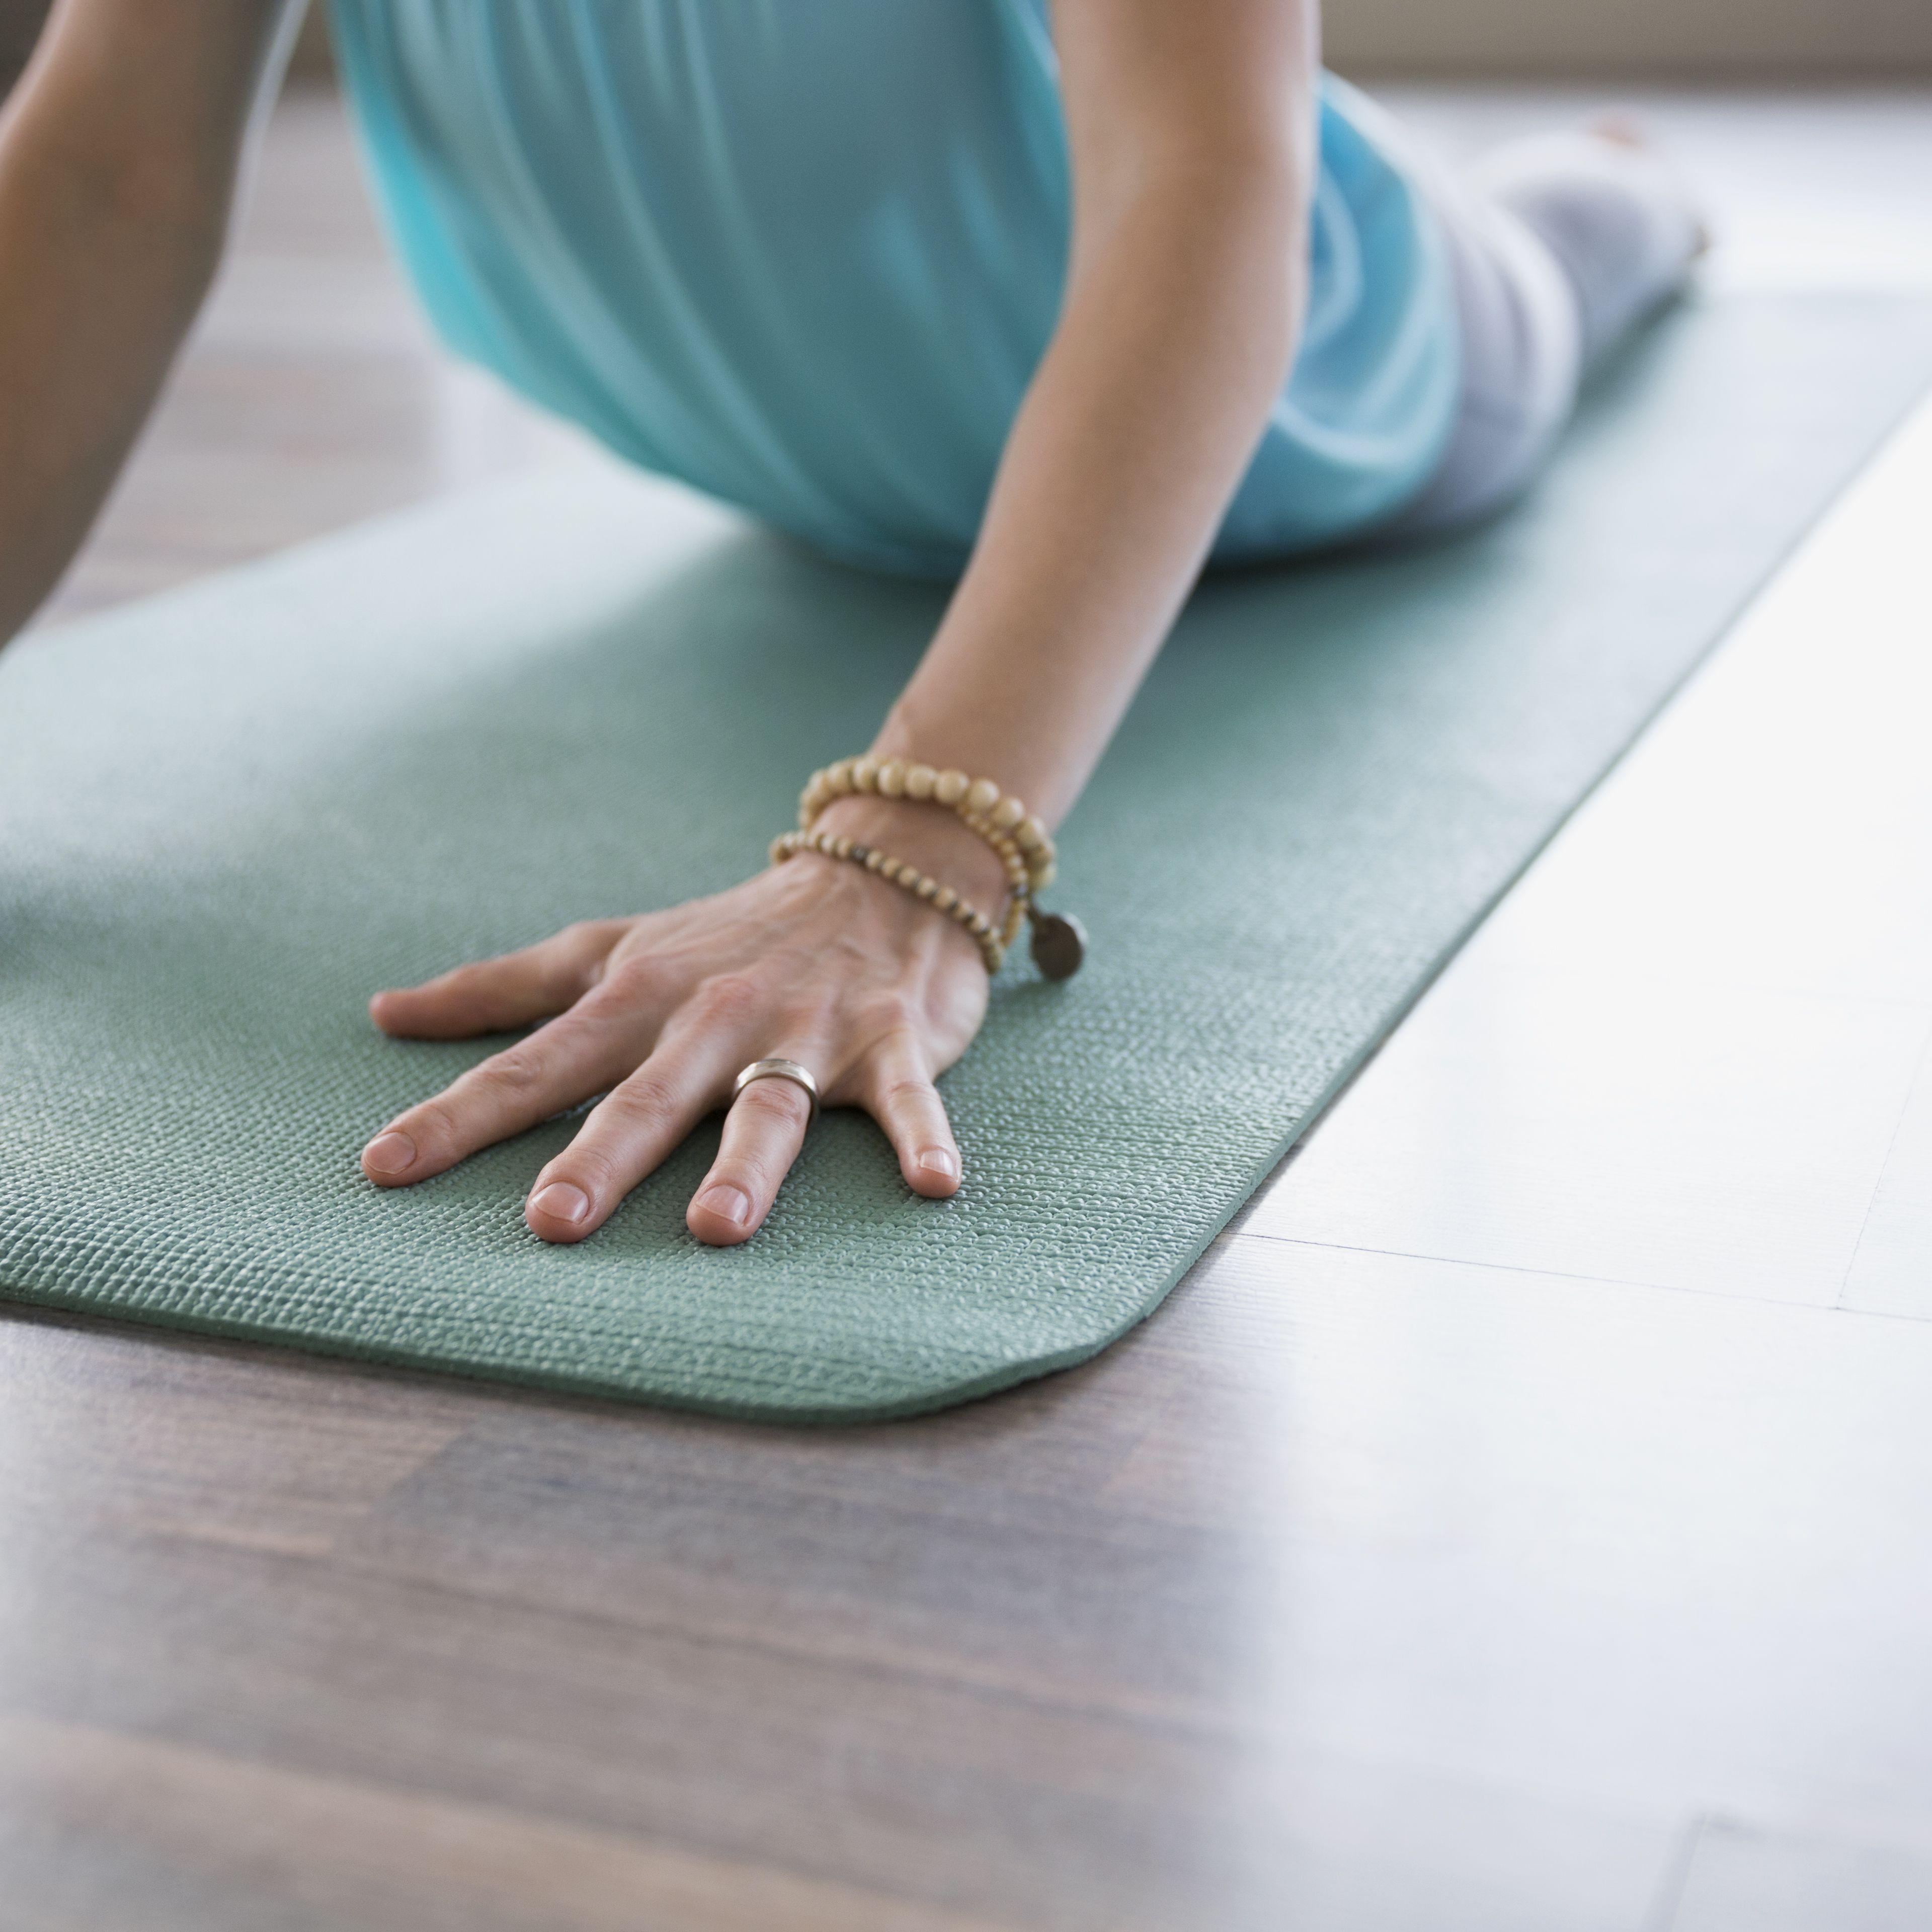 c8600cfea8 How to Fix a Slippery Yoga Mat